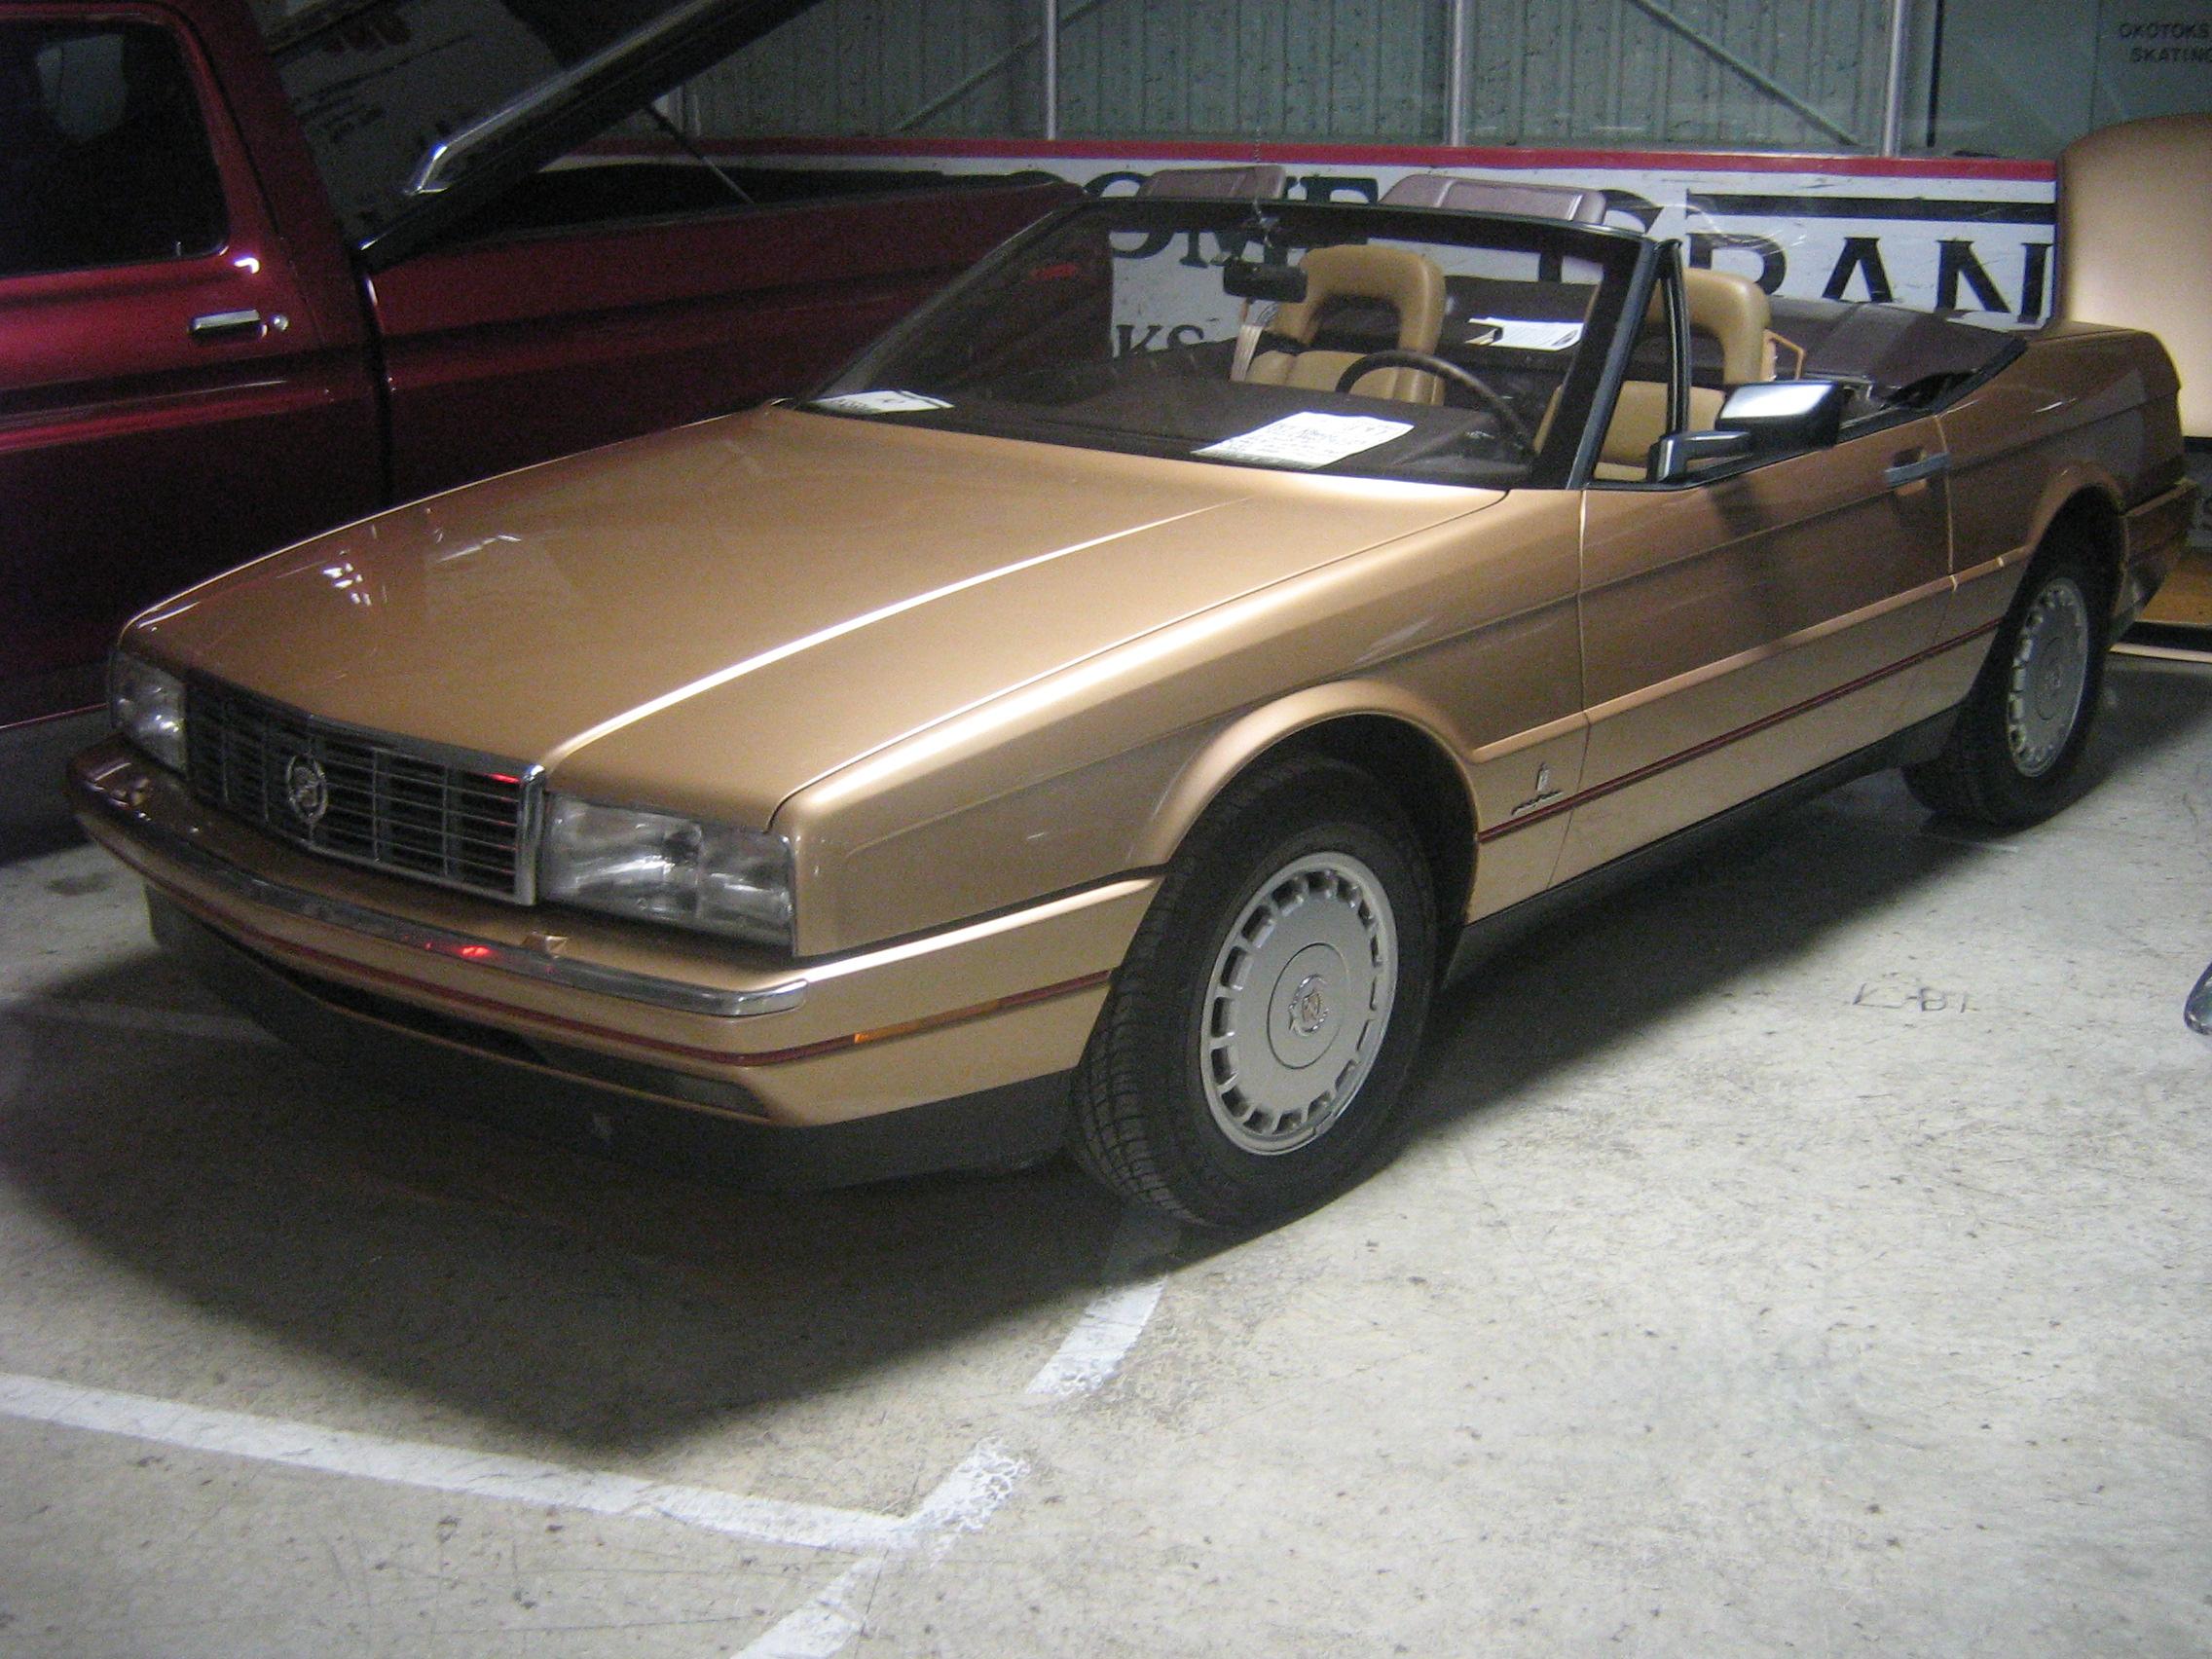 File:Brown open Cadillac Allante fl.jpg - Wikimedia Commons